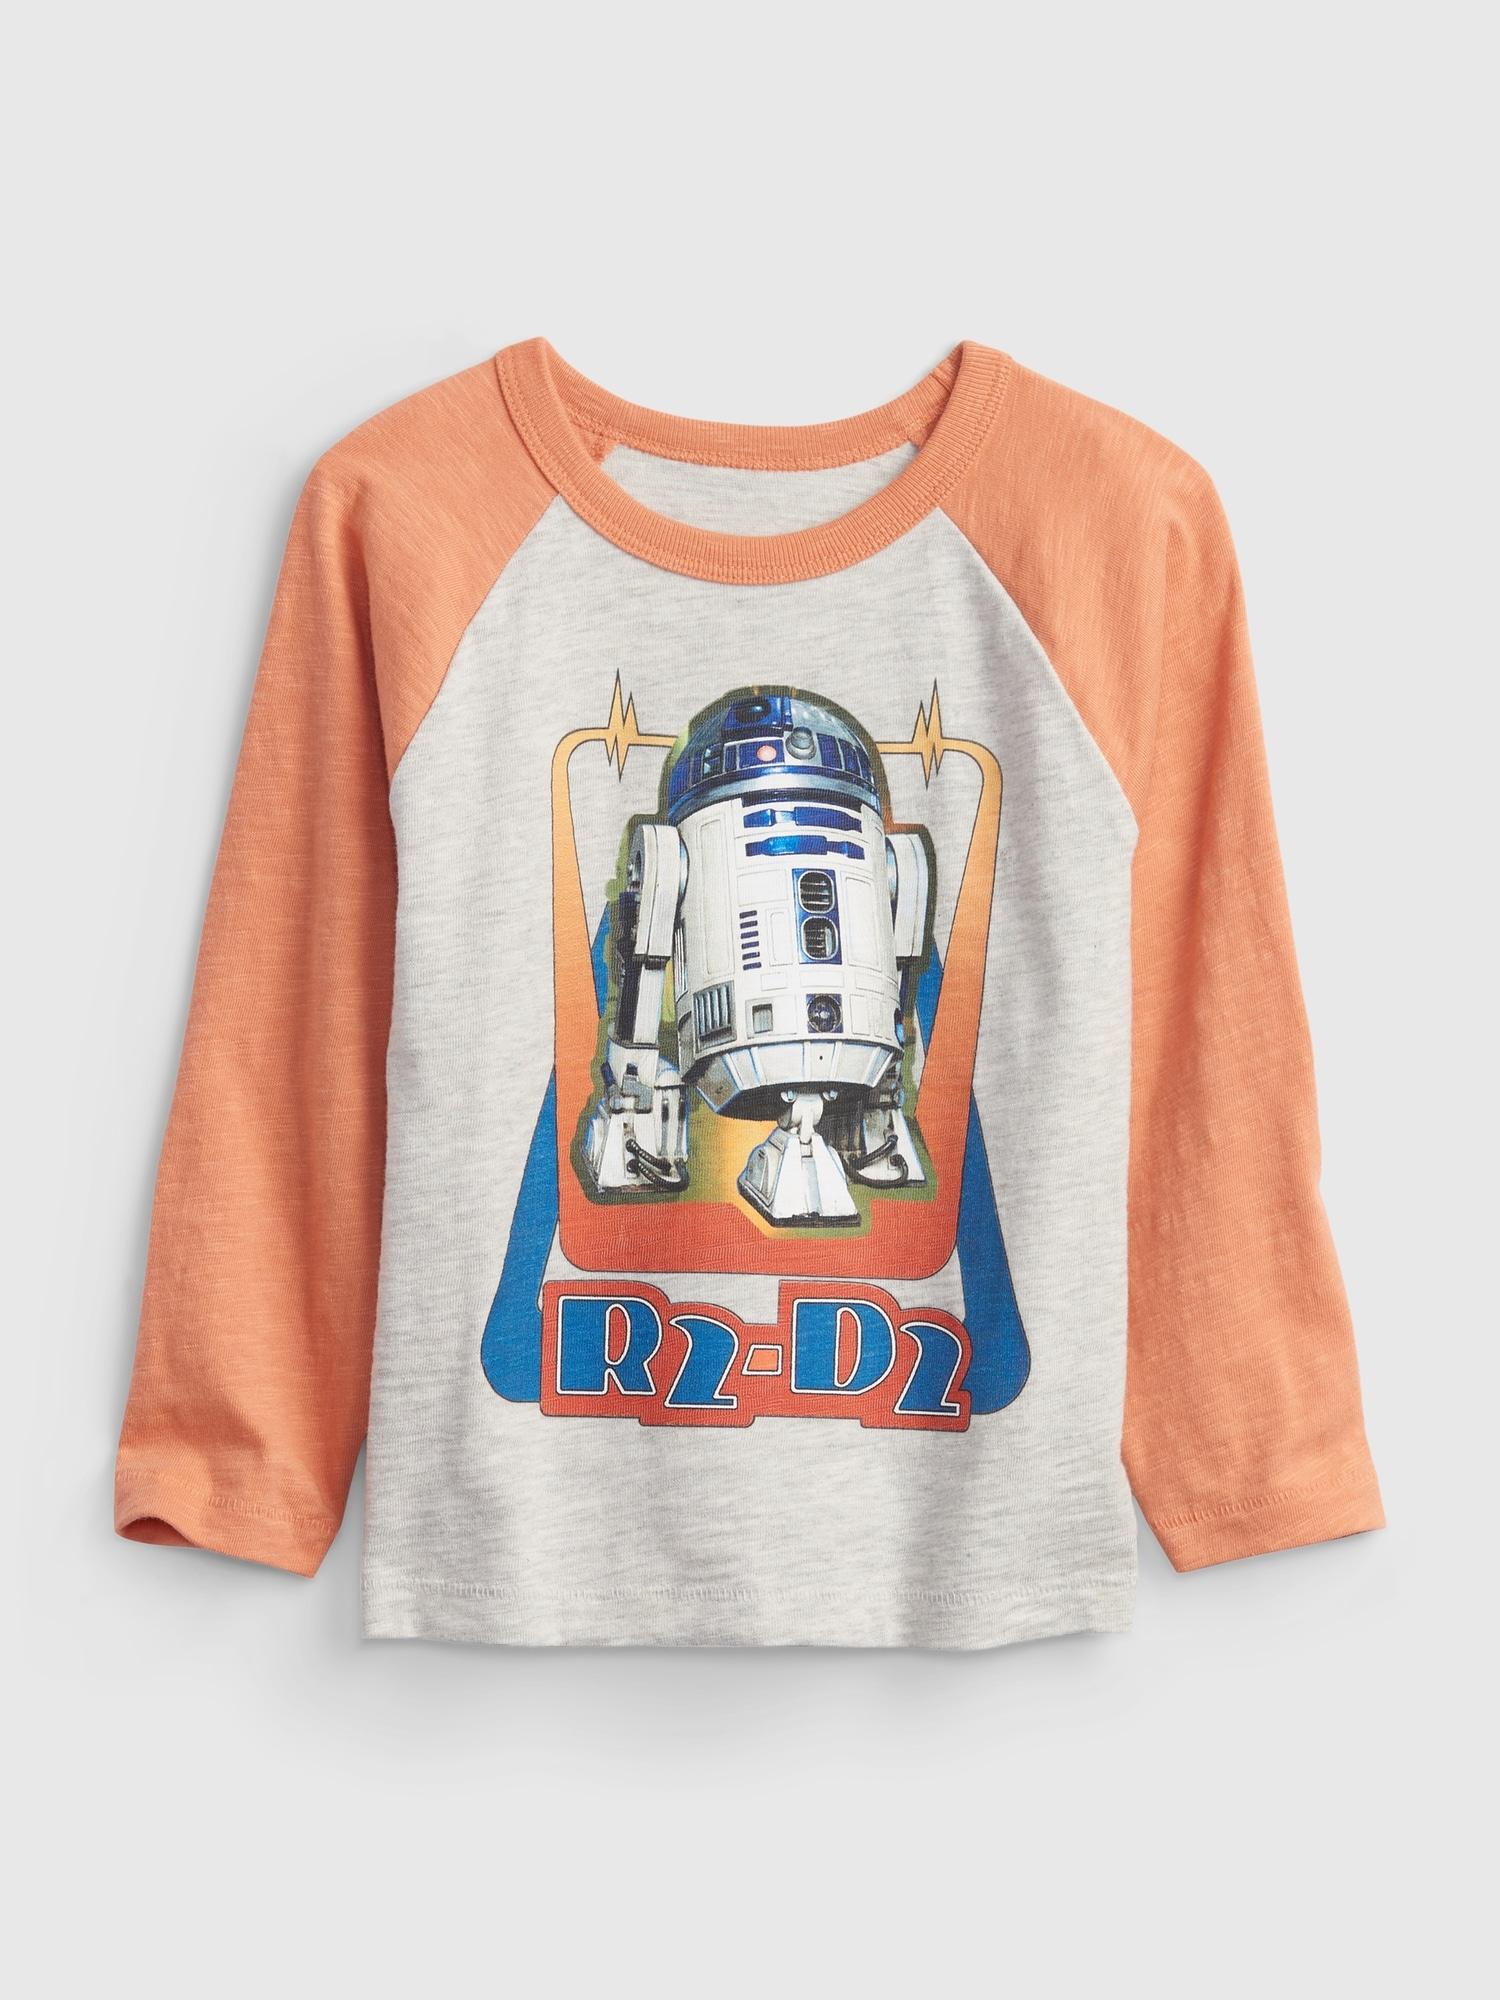 Babygap スター・ウォーズ™ グラフィックtシャツ